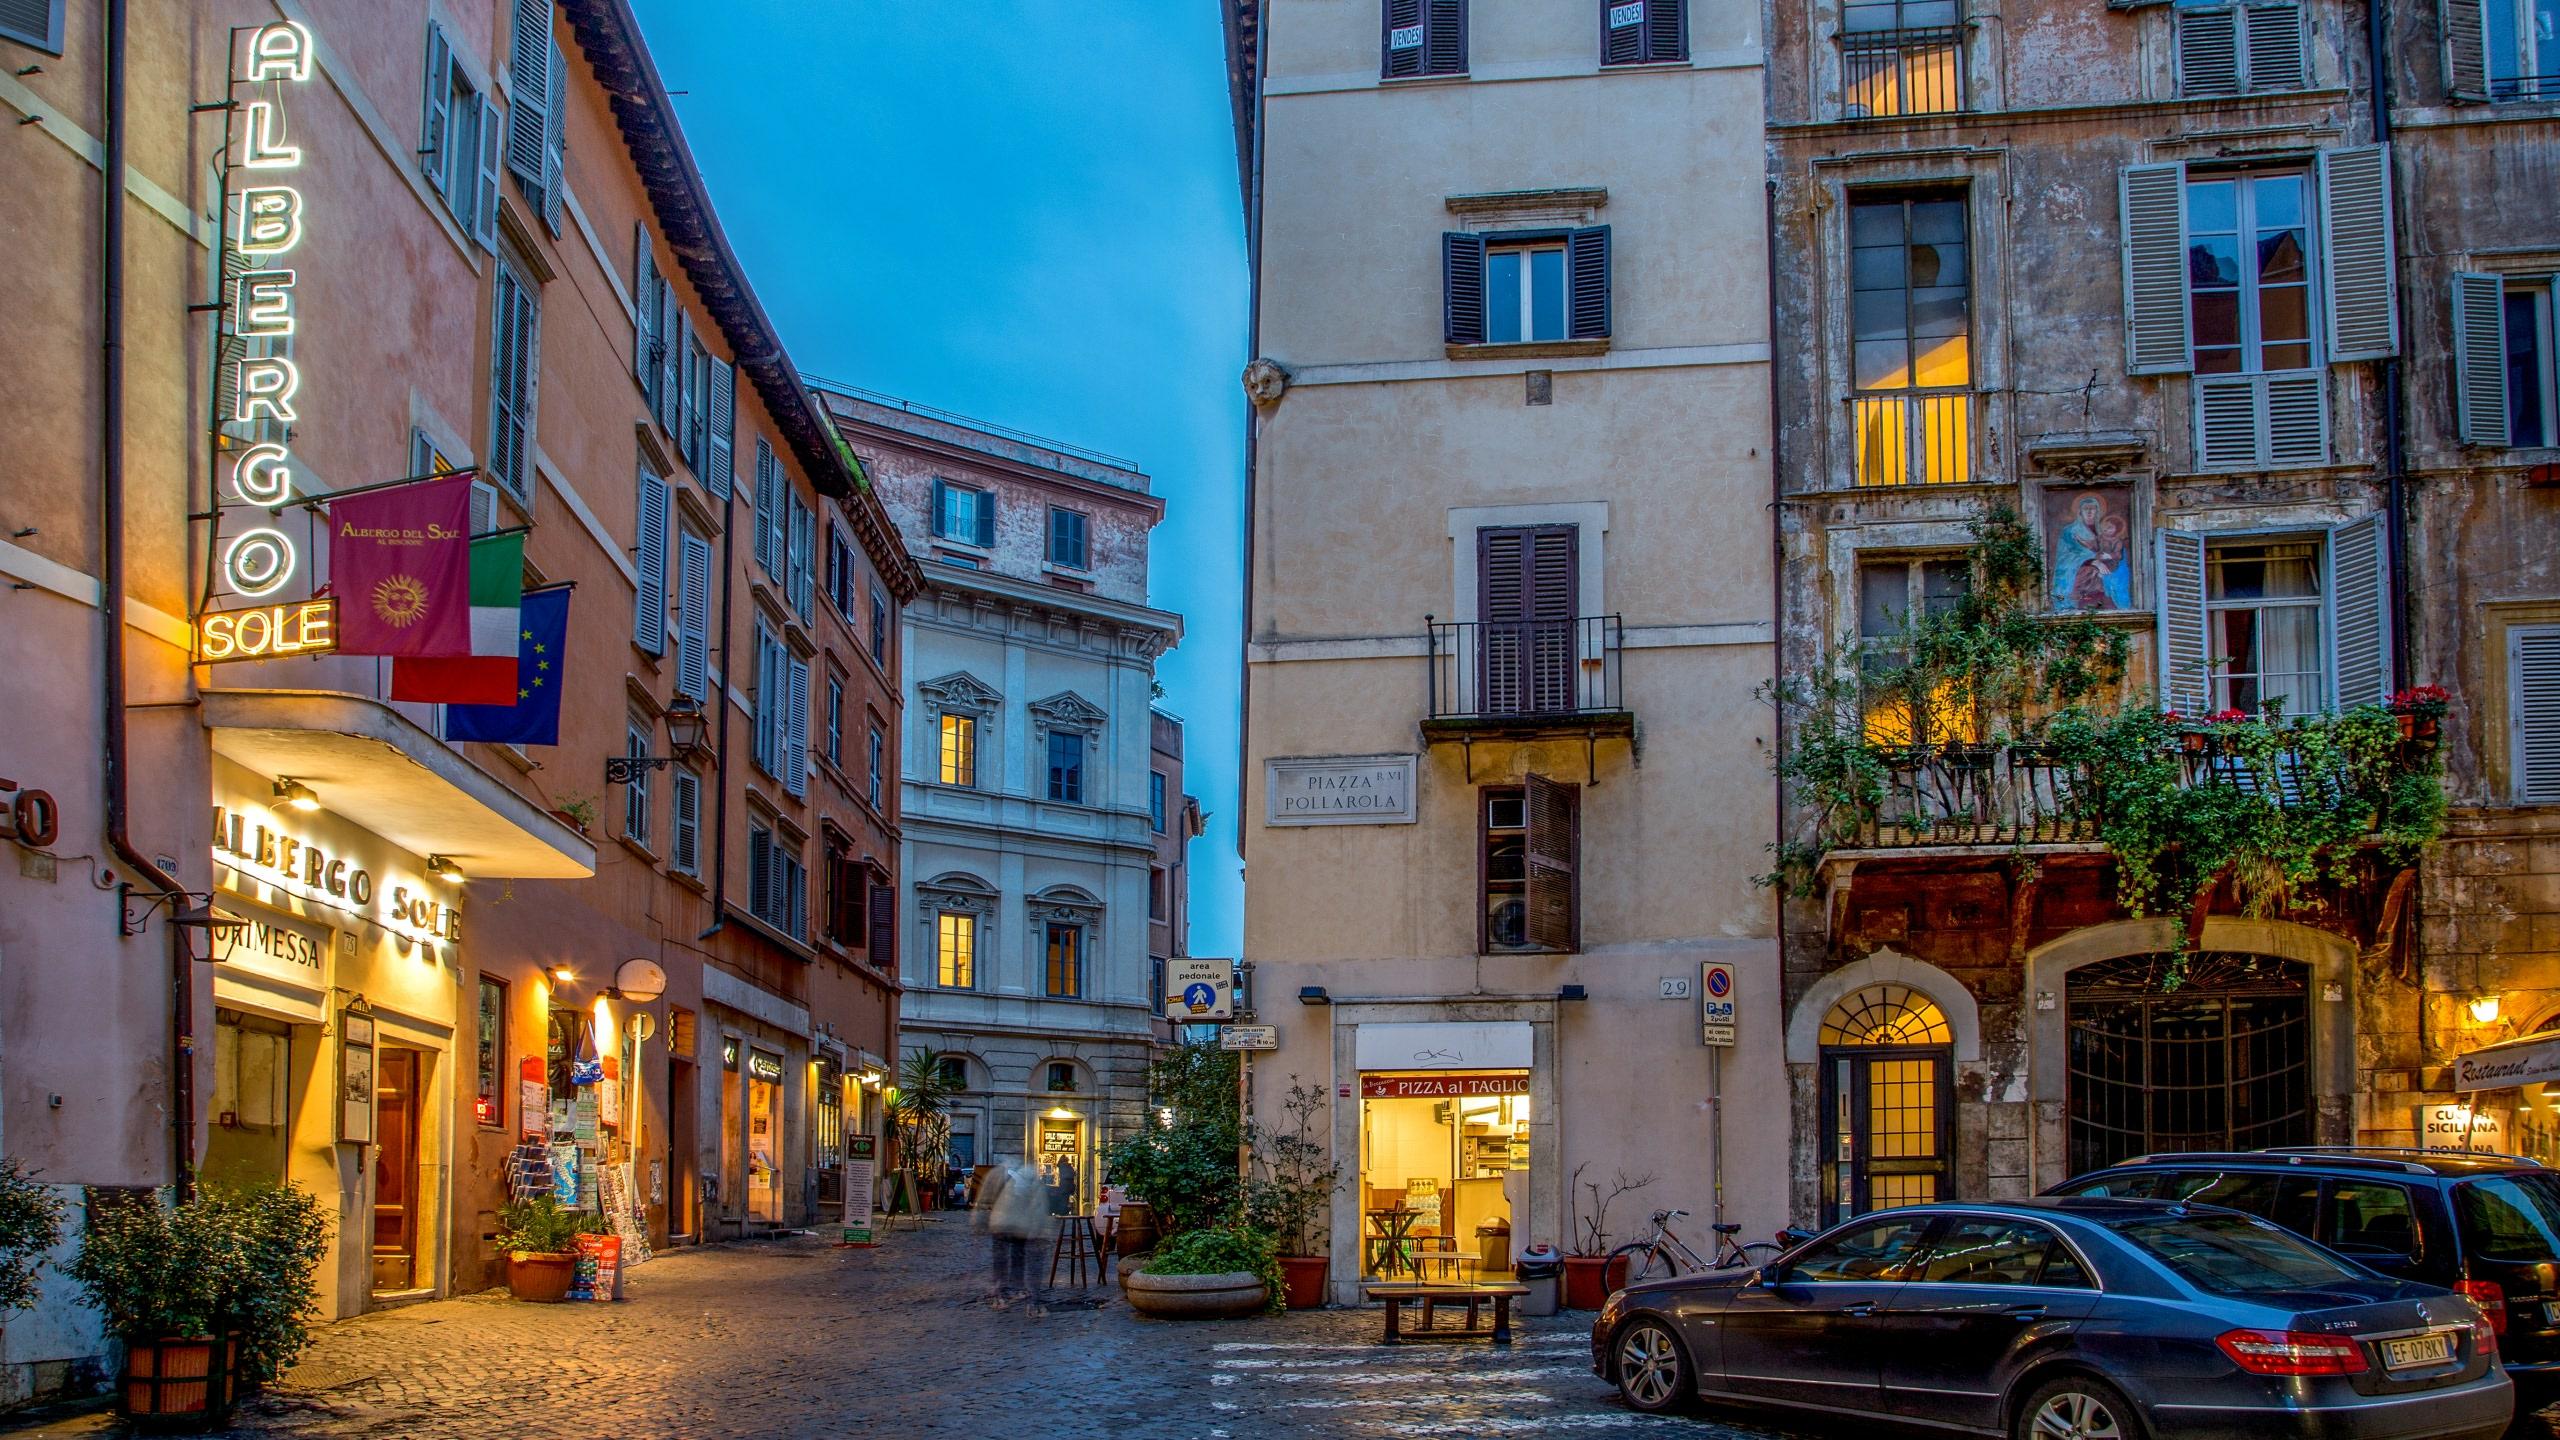 hotel-sole-roma-esterna01